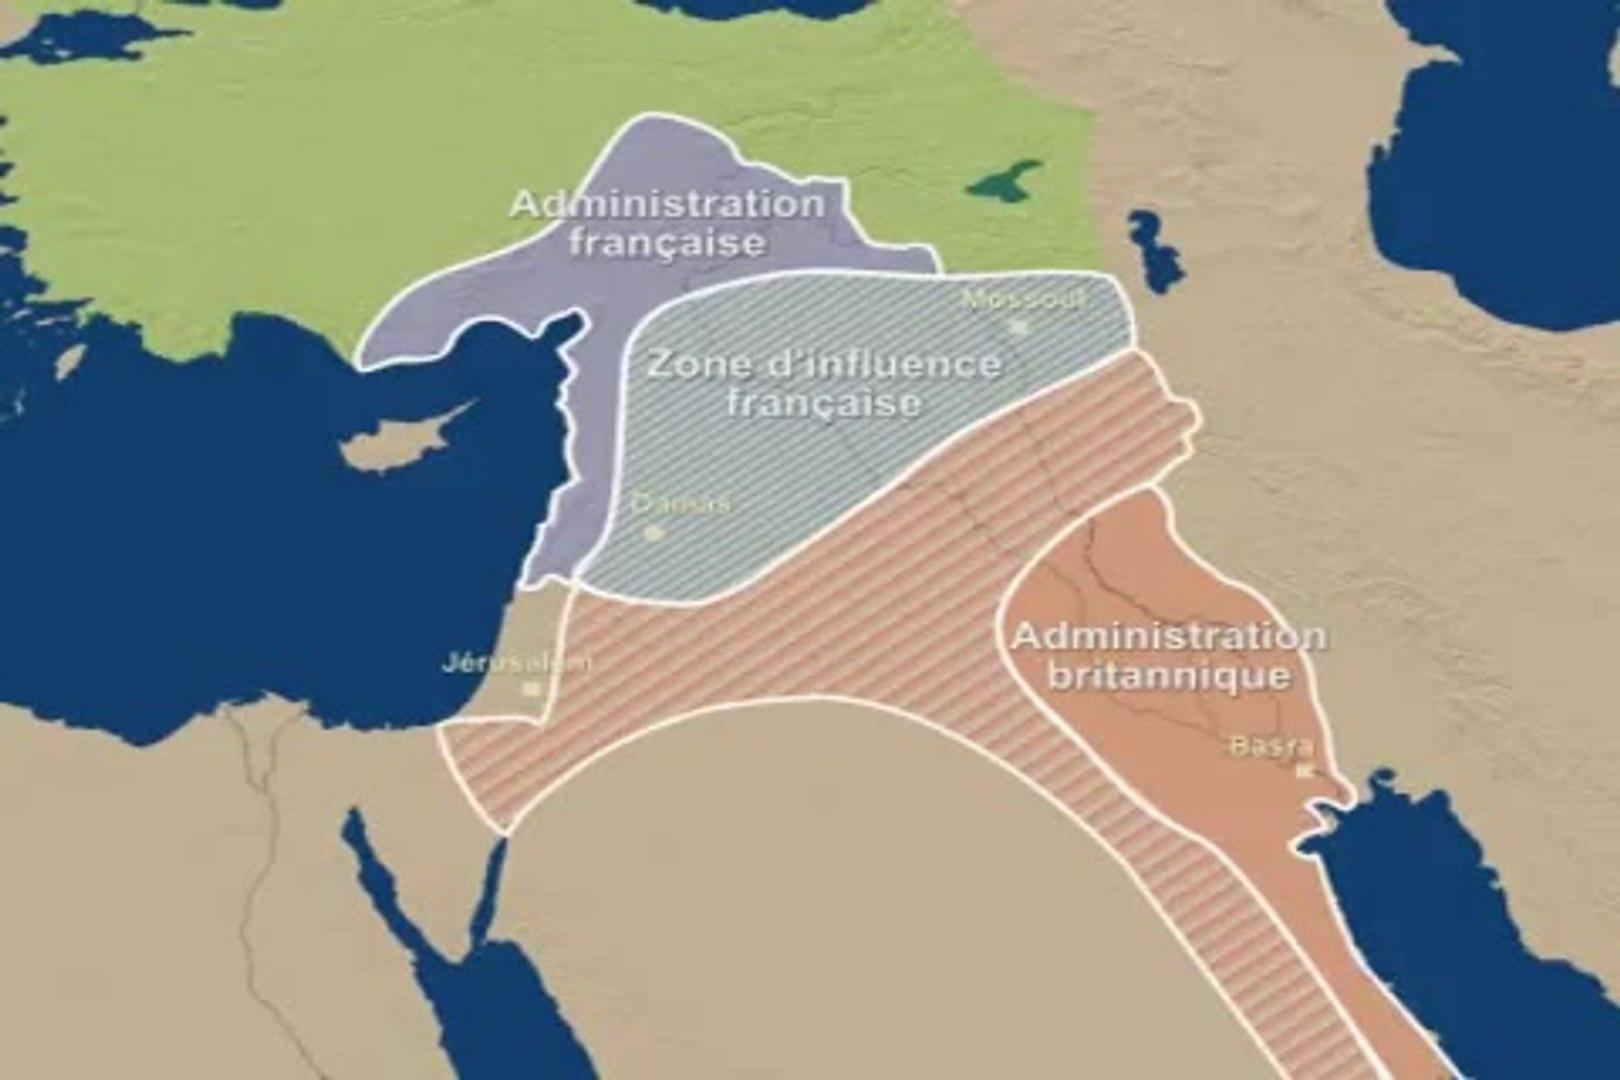 Le Proche Orient et les accords Sykes-Picot de 1916